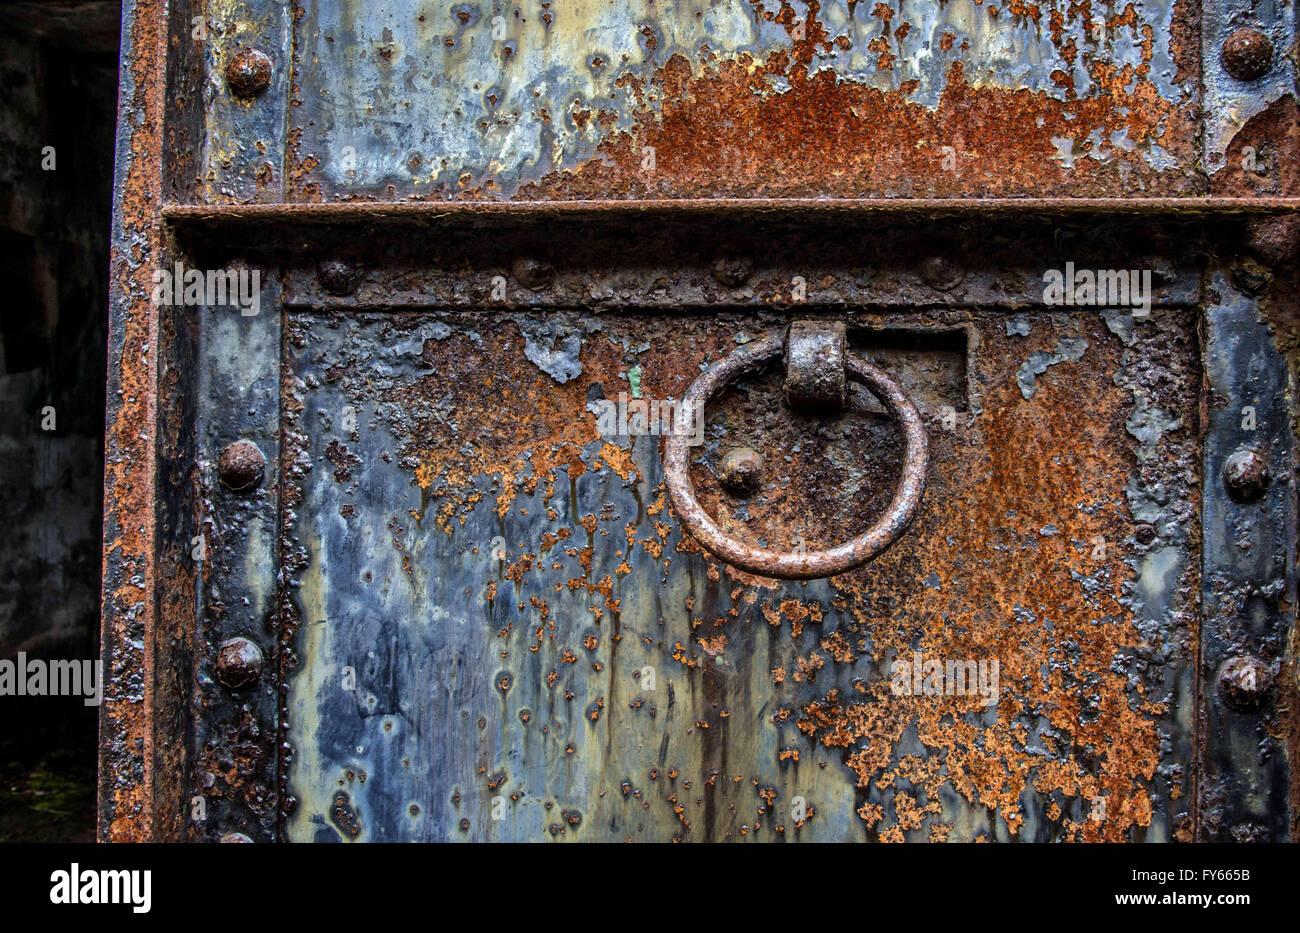 Steel Rests Stockfotos & Steel Rests Bilder - Alamy